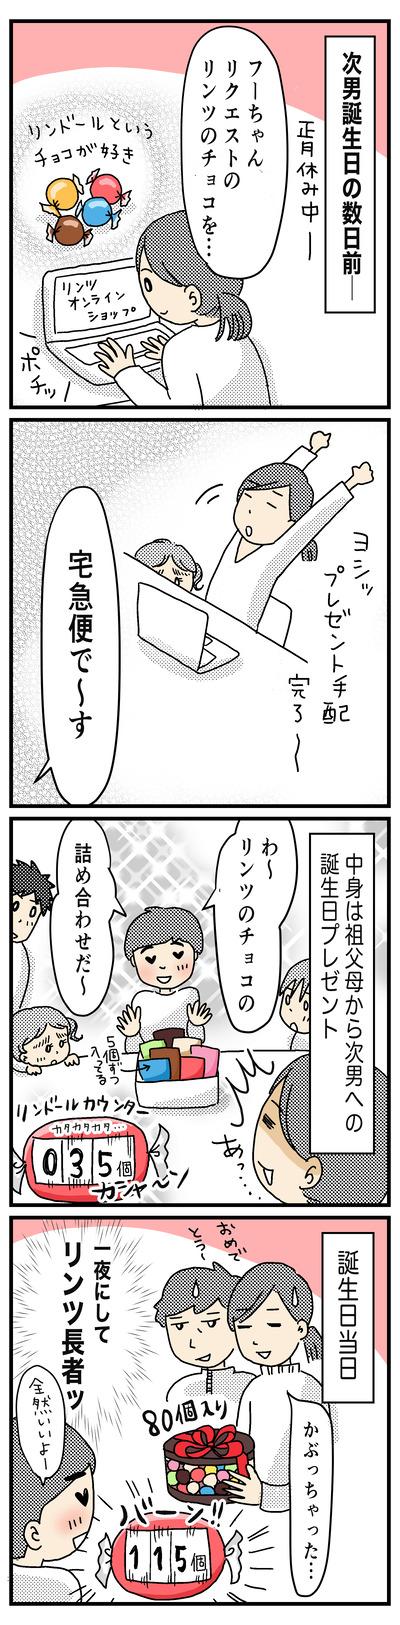 208 フーちゃん誕生日2019(1才半〜2才)